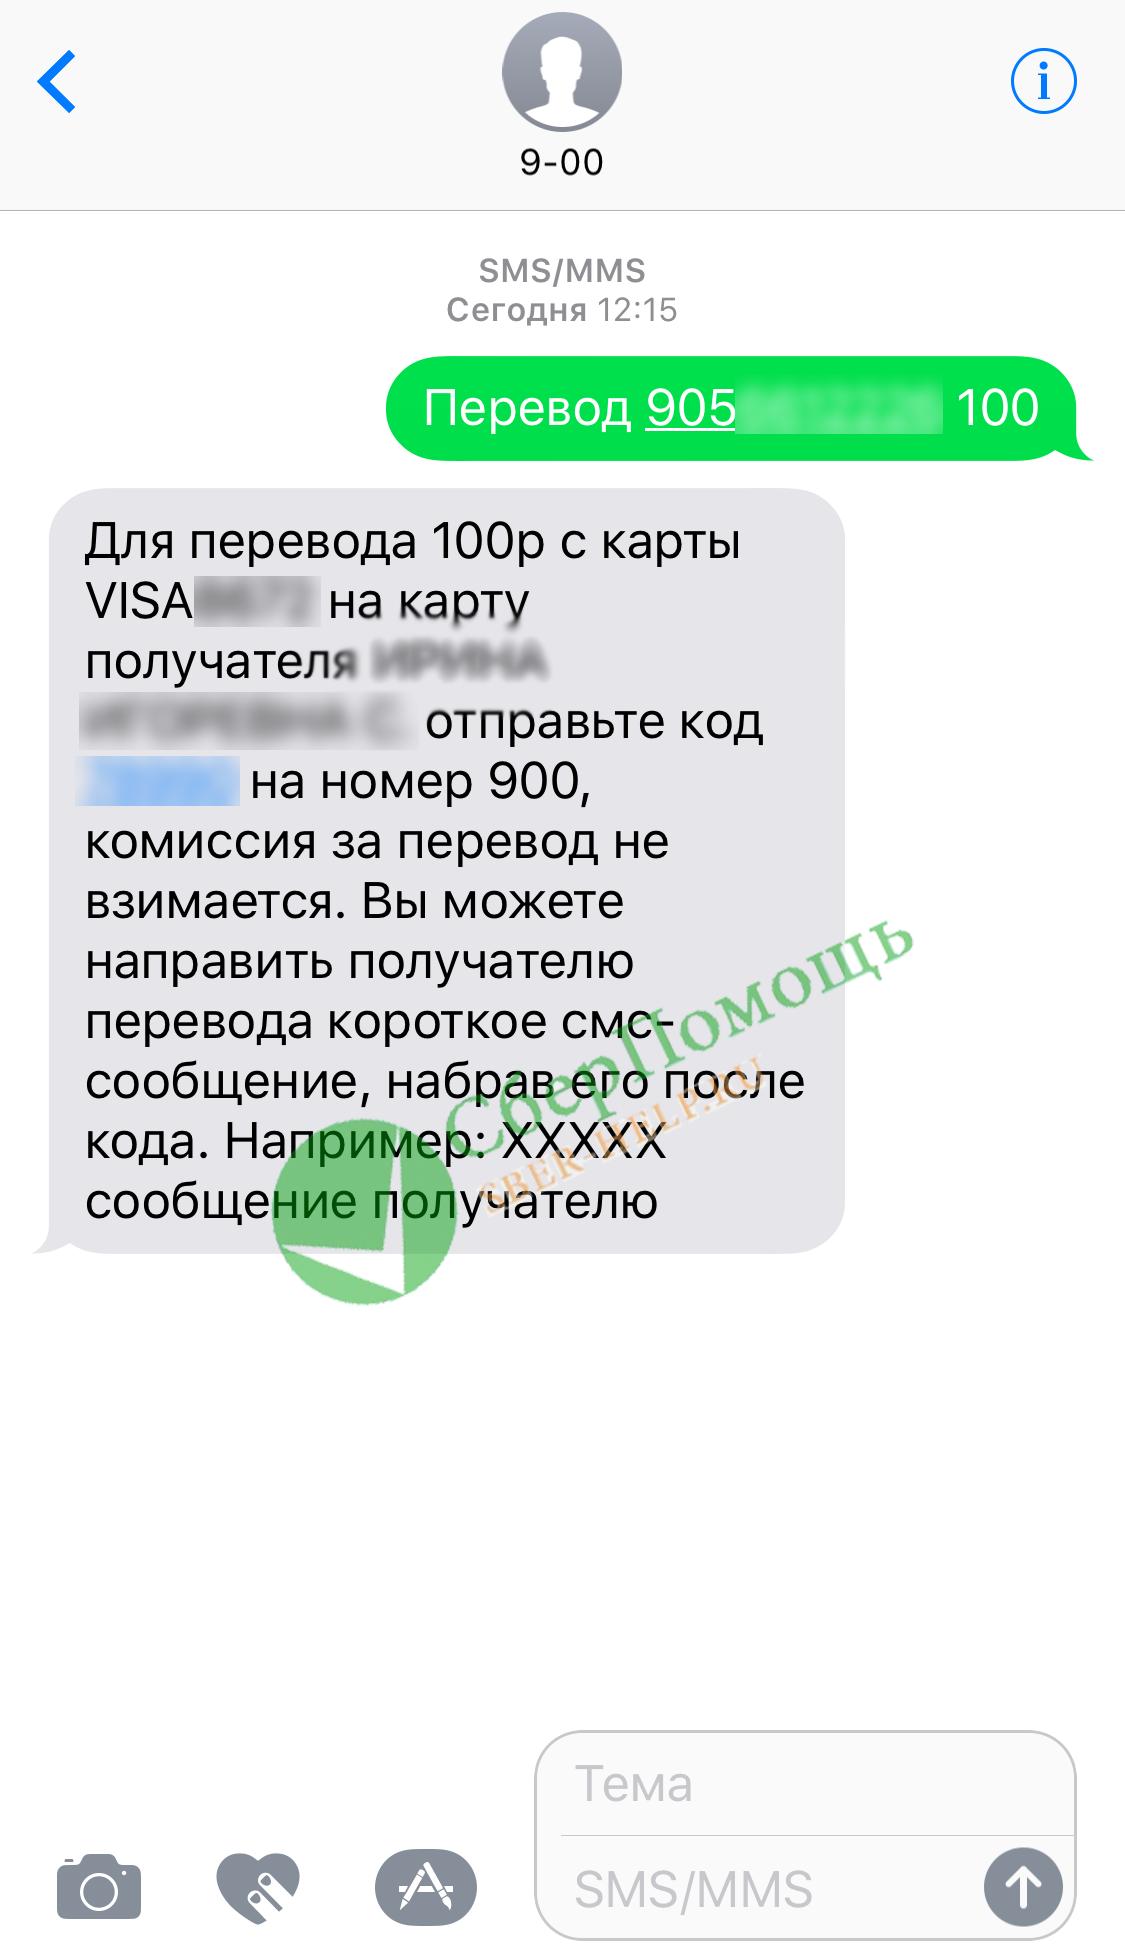 Перевод на карту Сбербанка при помощи мобильного телефона через SMS 19